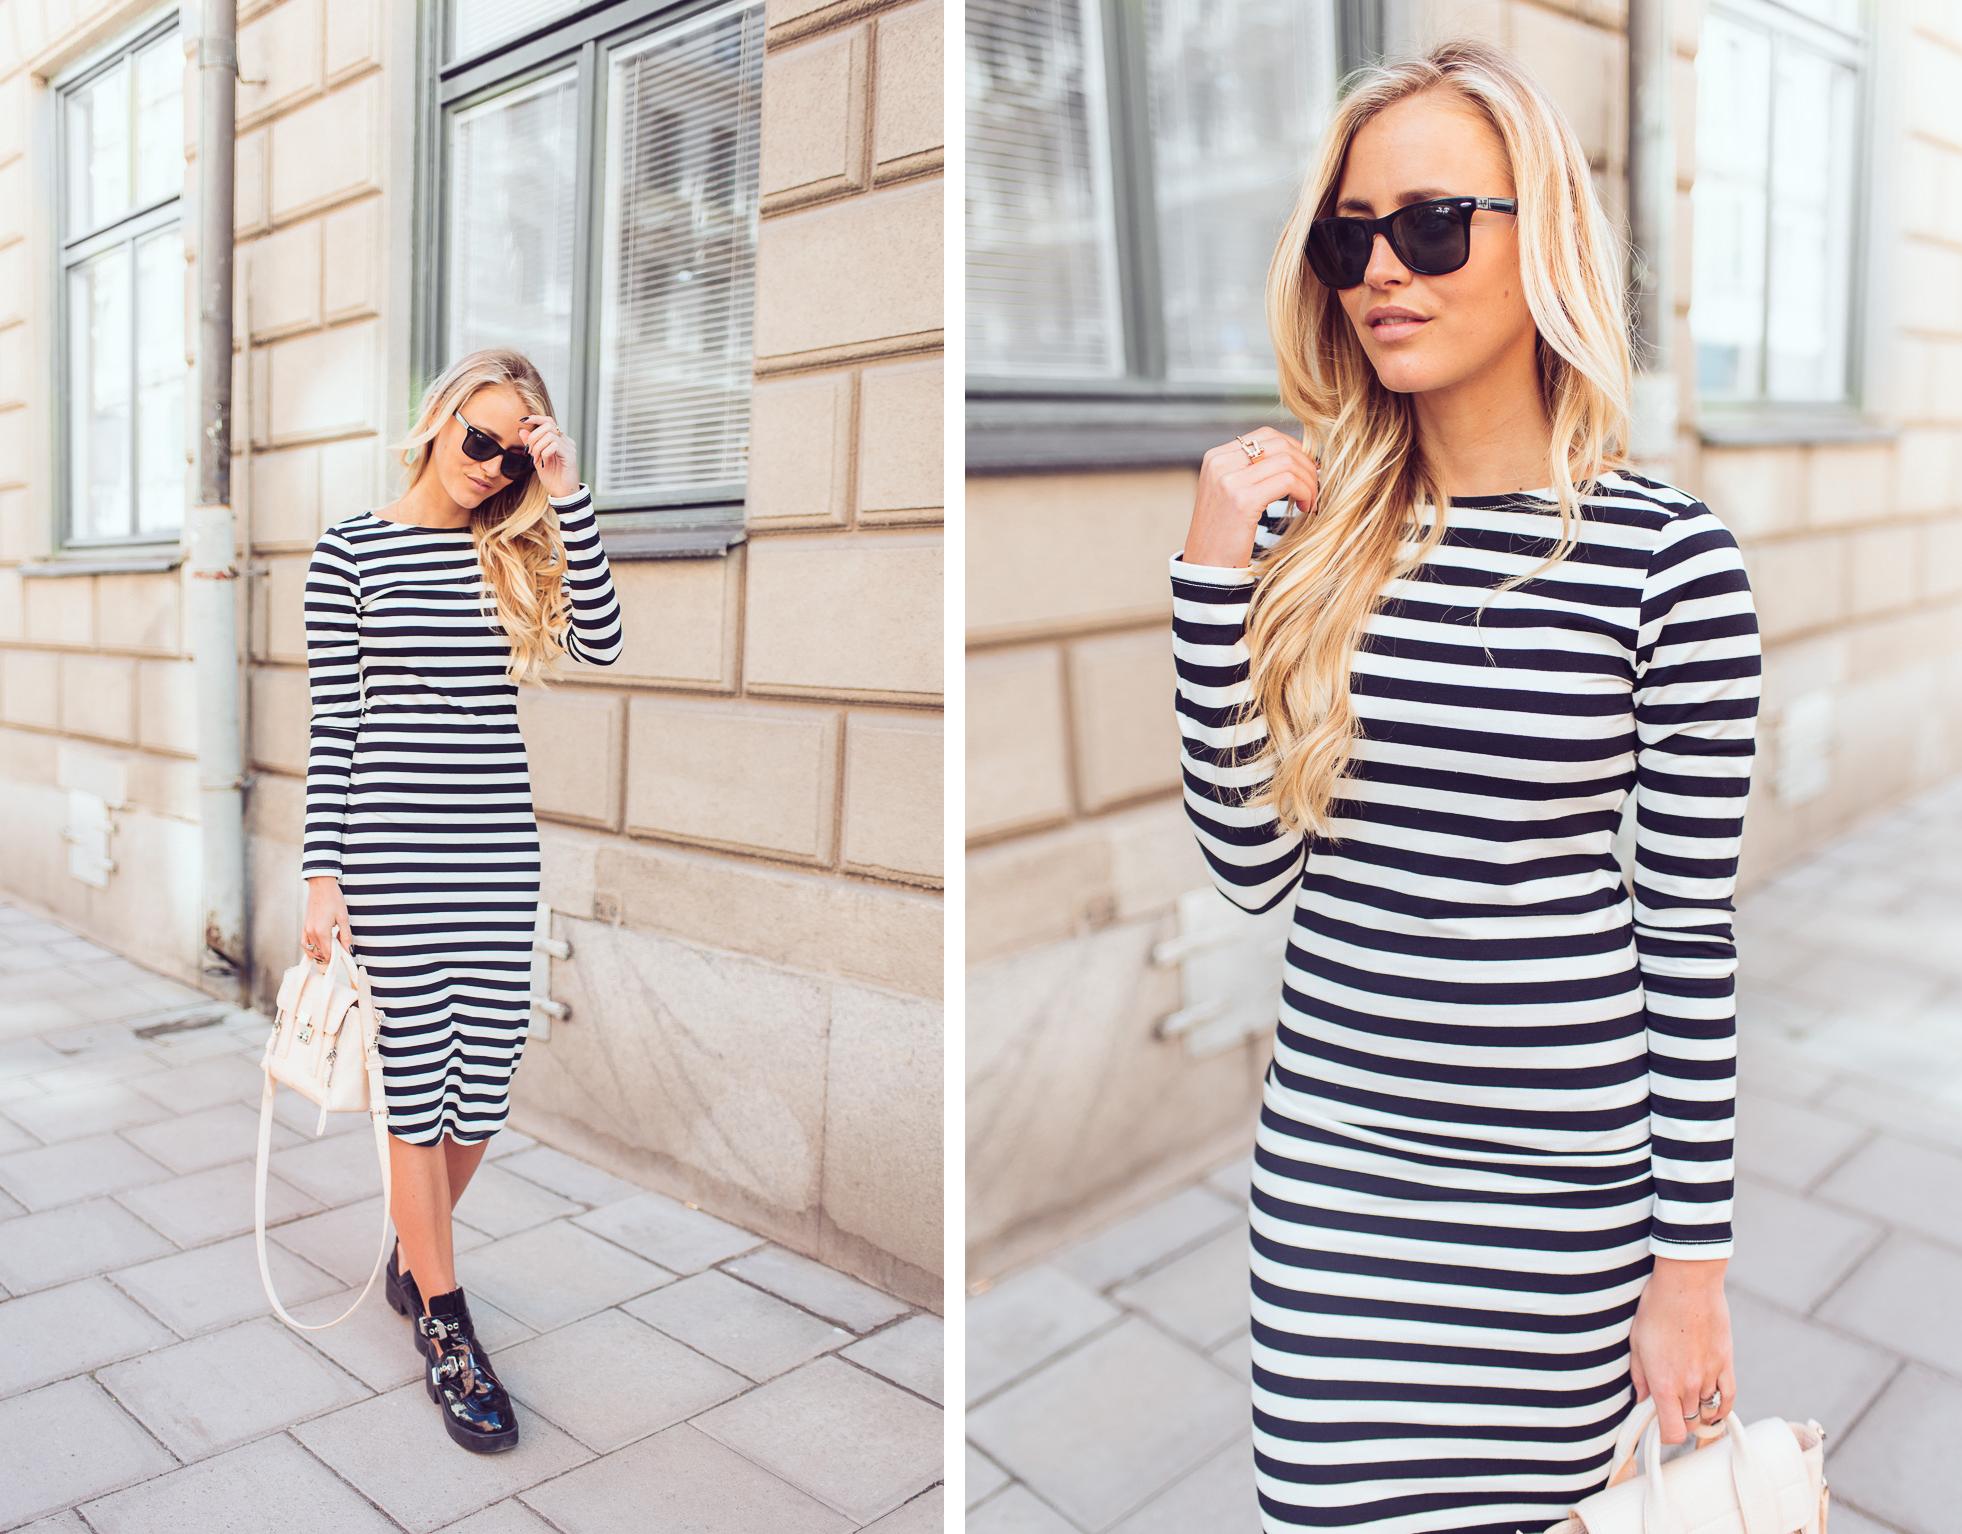 janni-deler-stripes-bootsDSC_4195 kopia